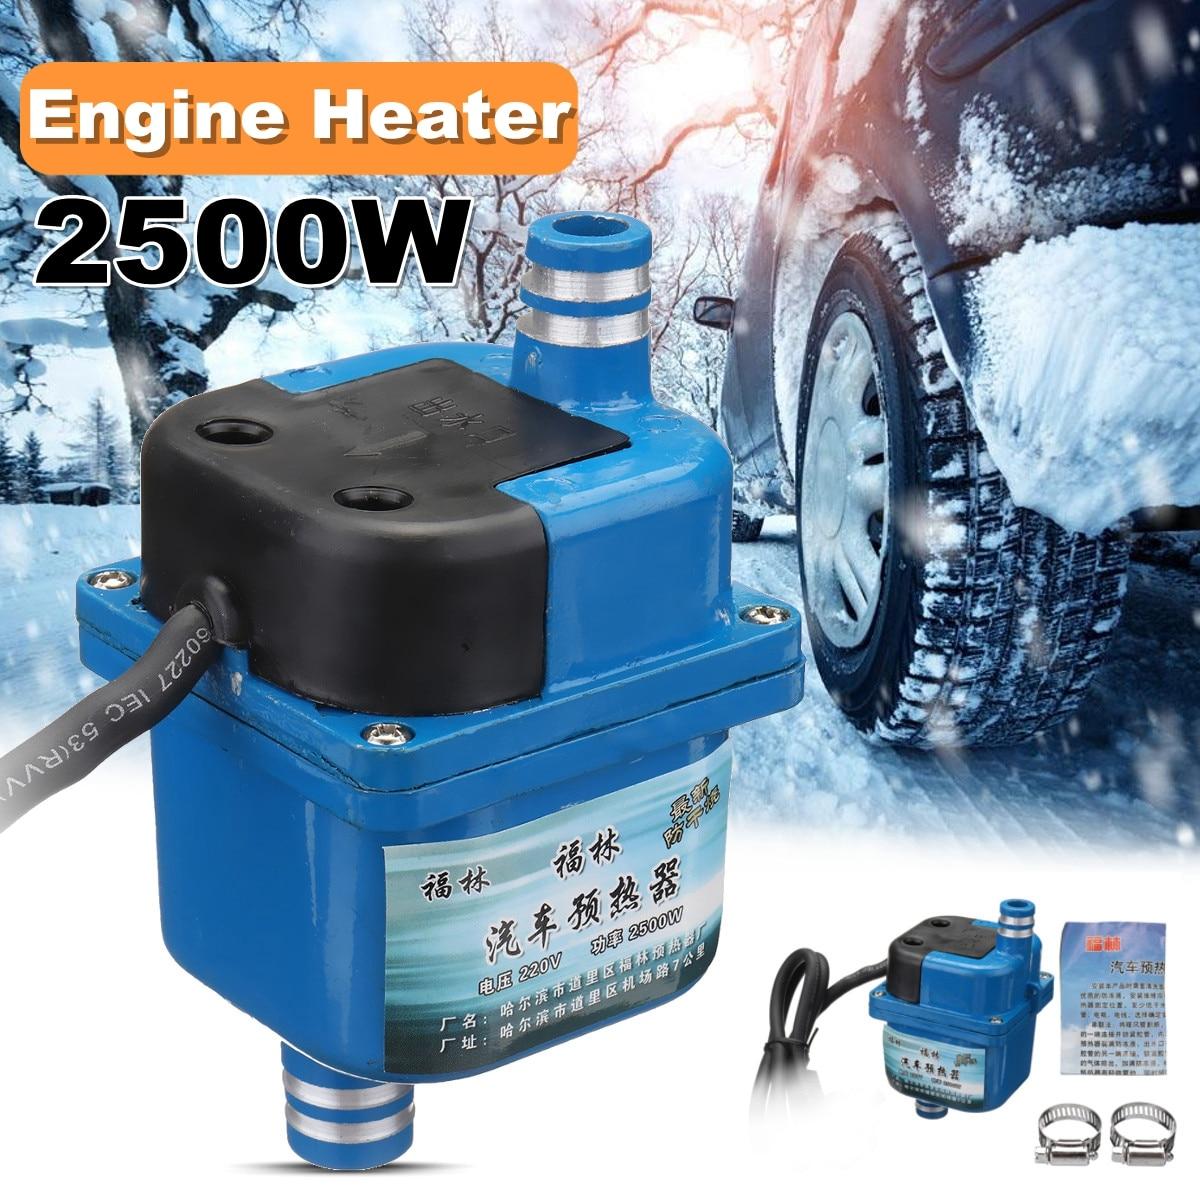 220V 2500W авто двигатель насоса резервуар для воды с воздушным охлаждением двигателя нагреватель Подогреватель